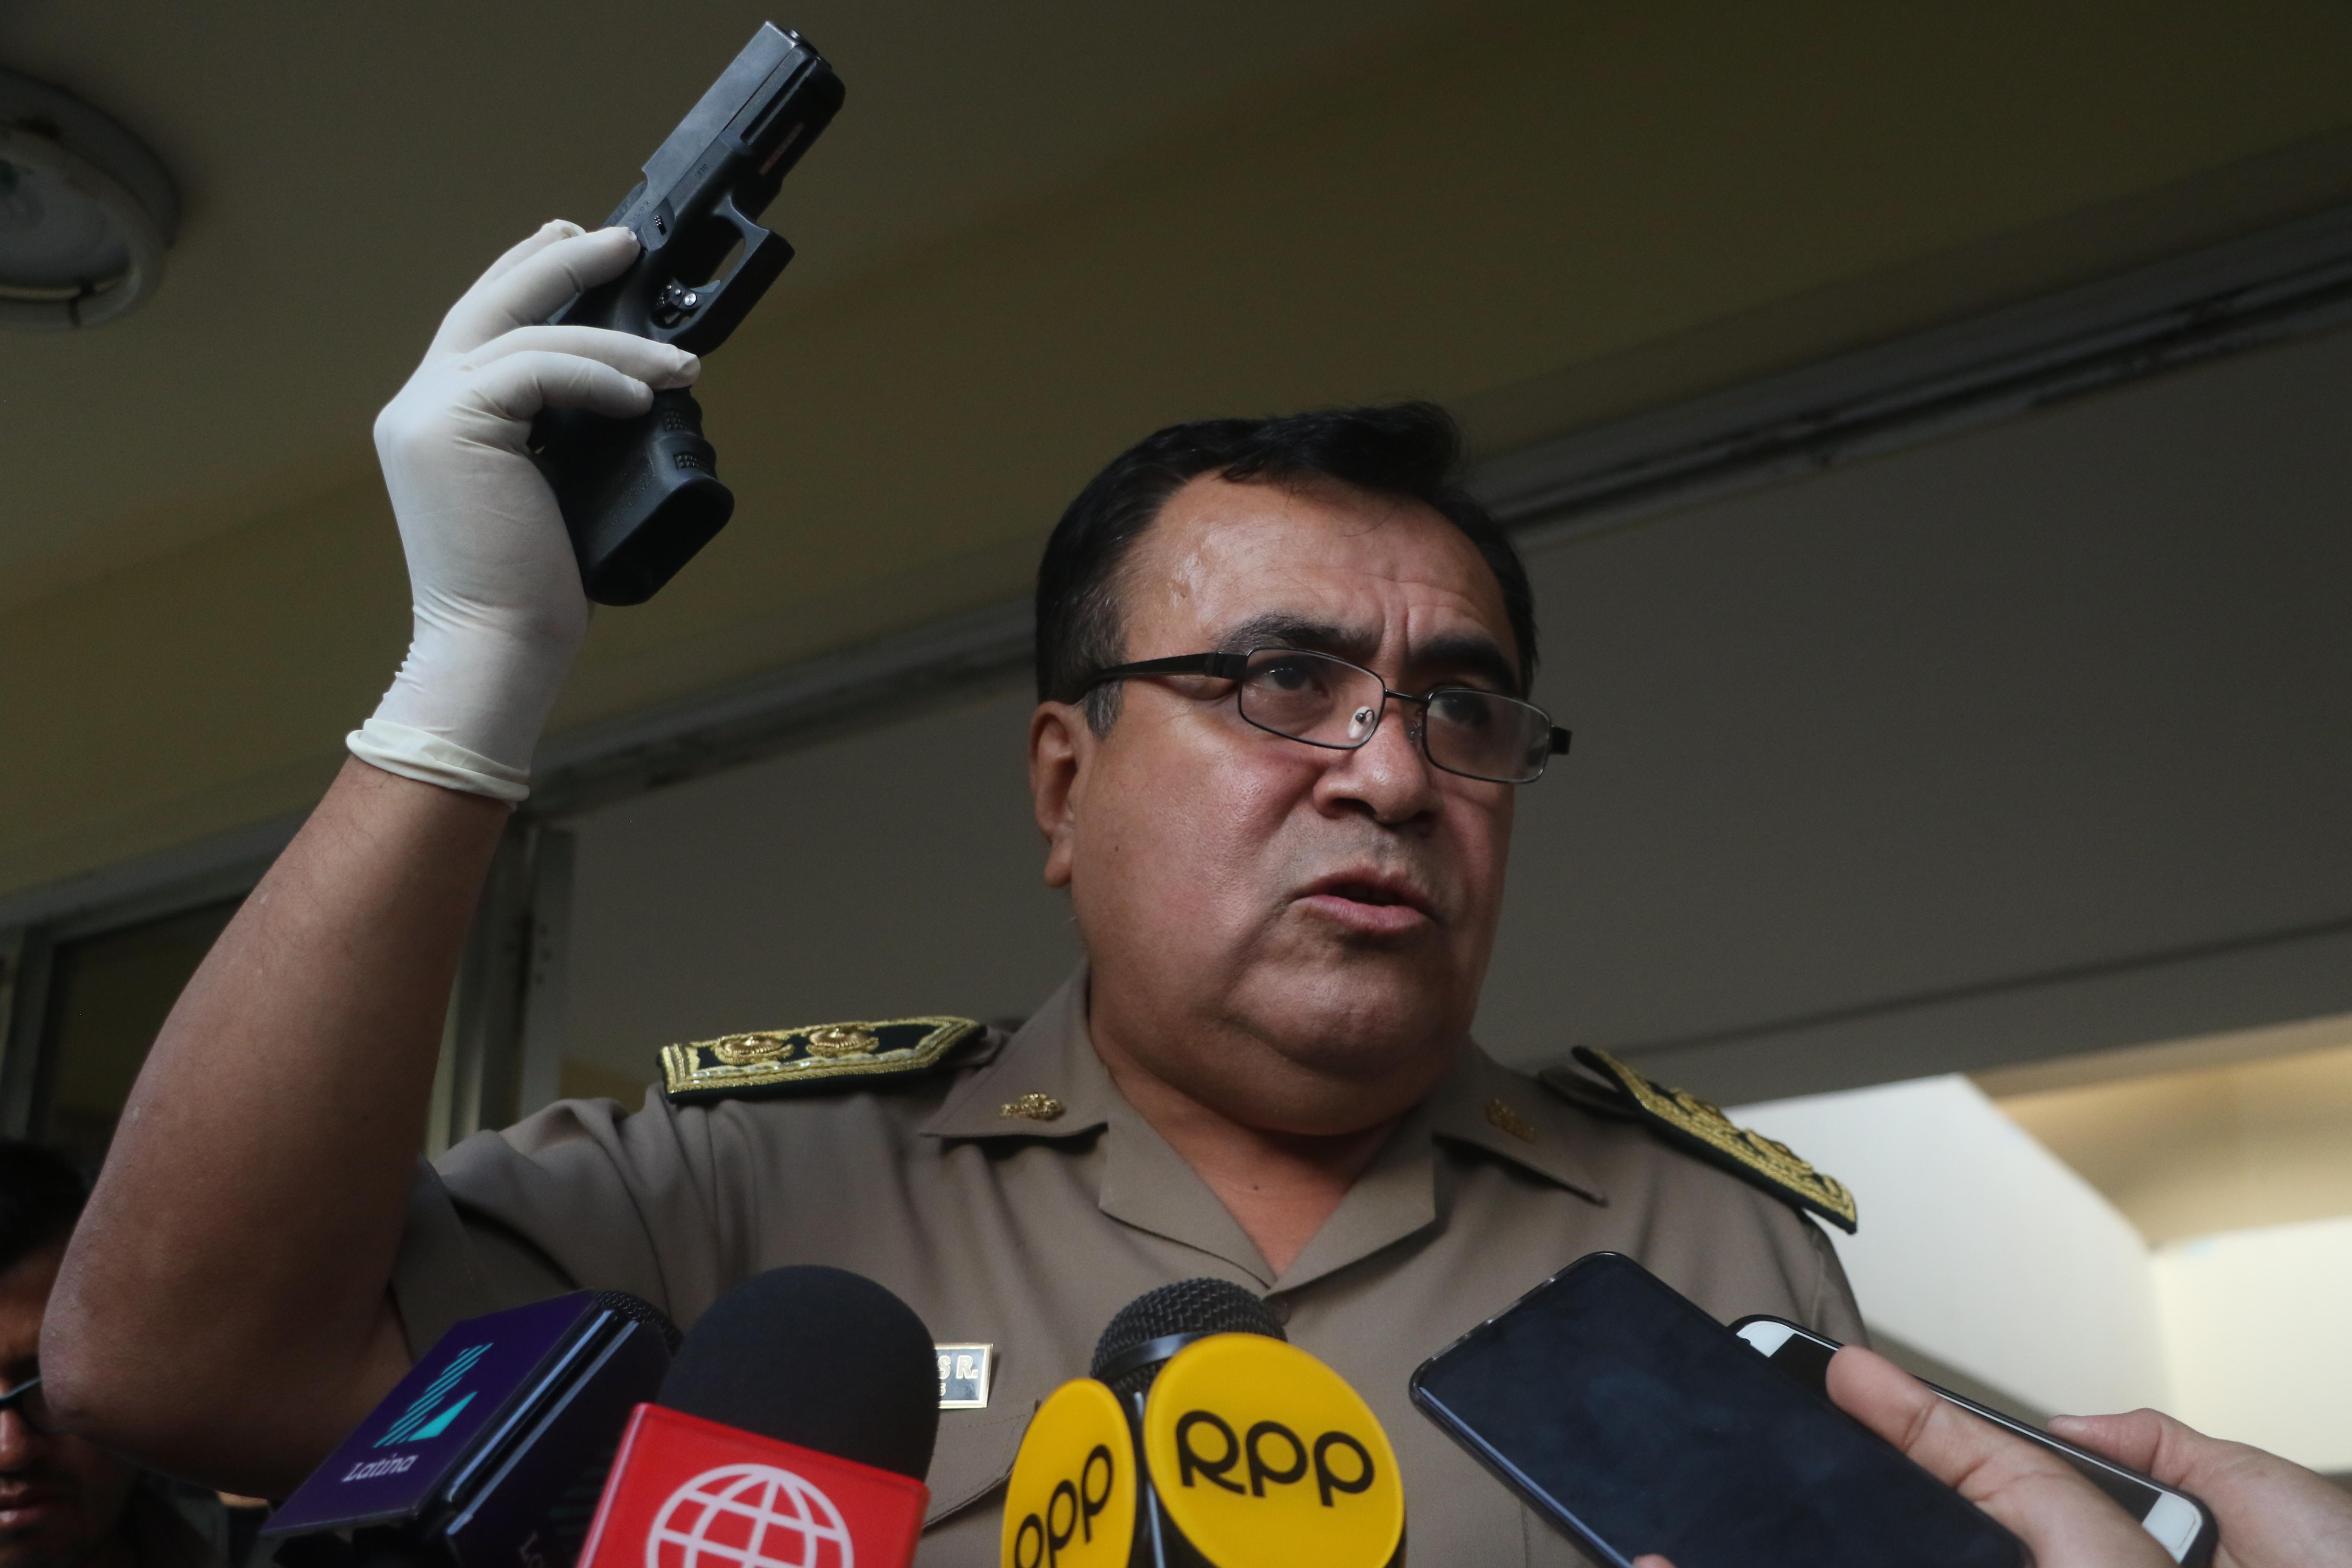 Cambio policial en La Libertad: en lo que va del 2019 se ha registrado 143 homicidios - El Comercio